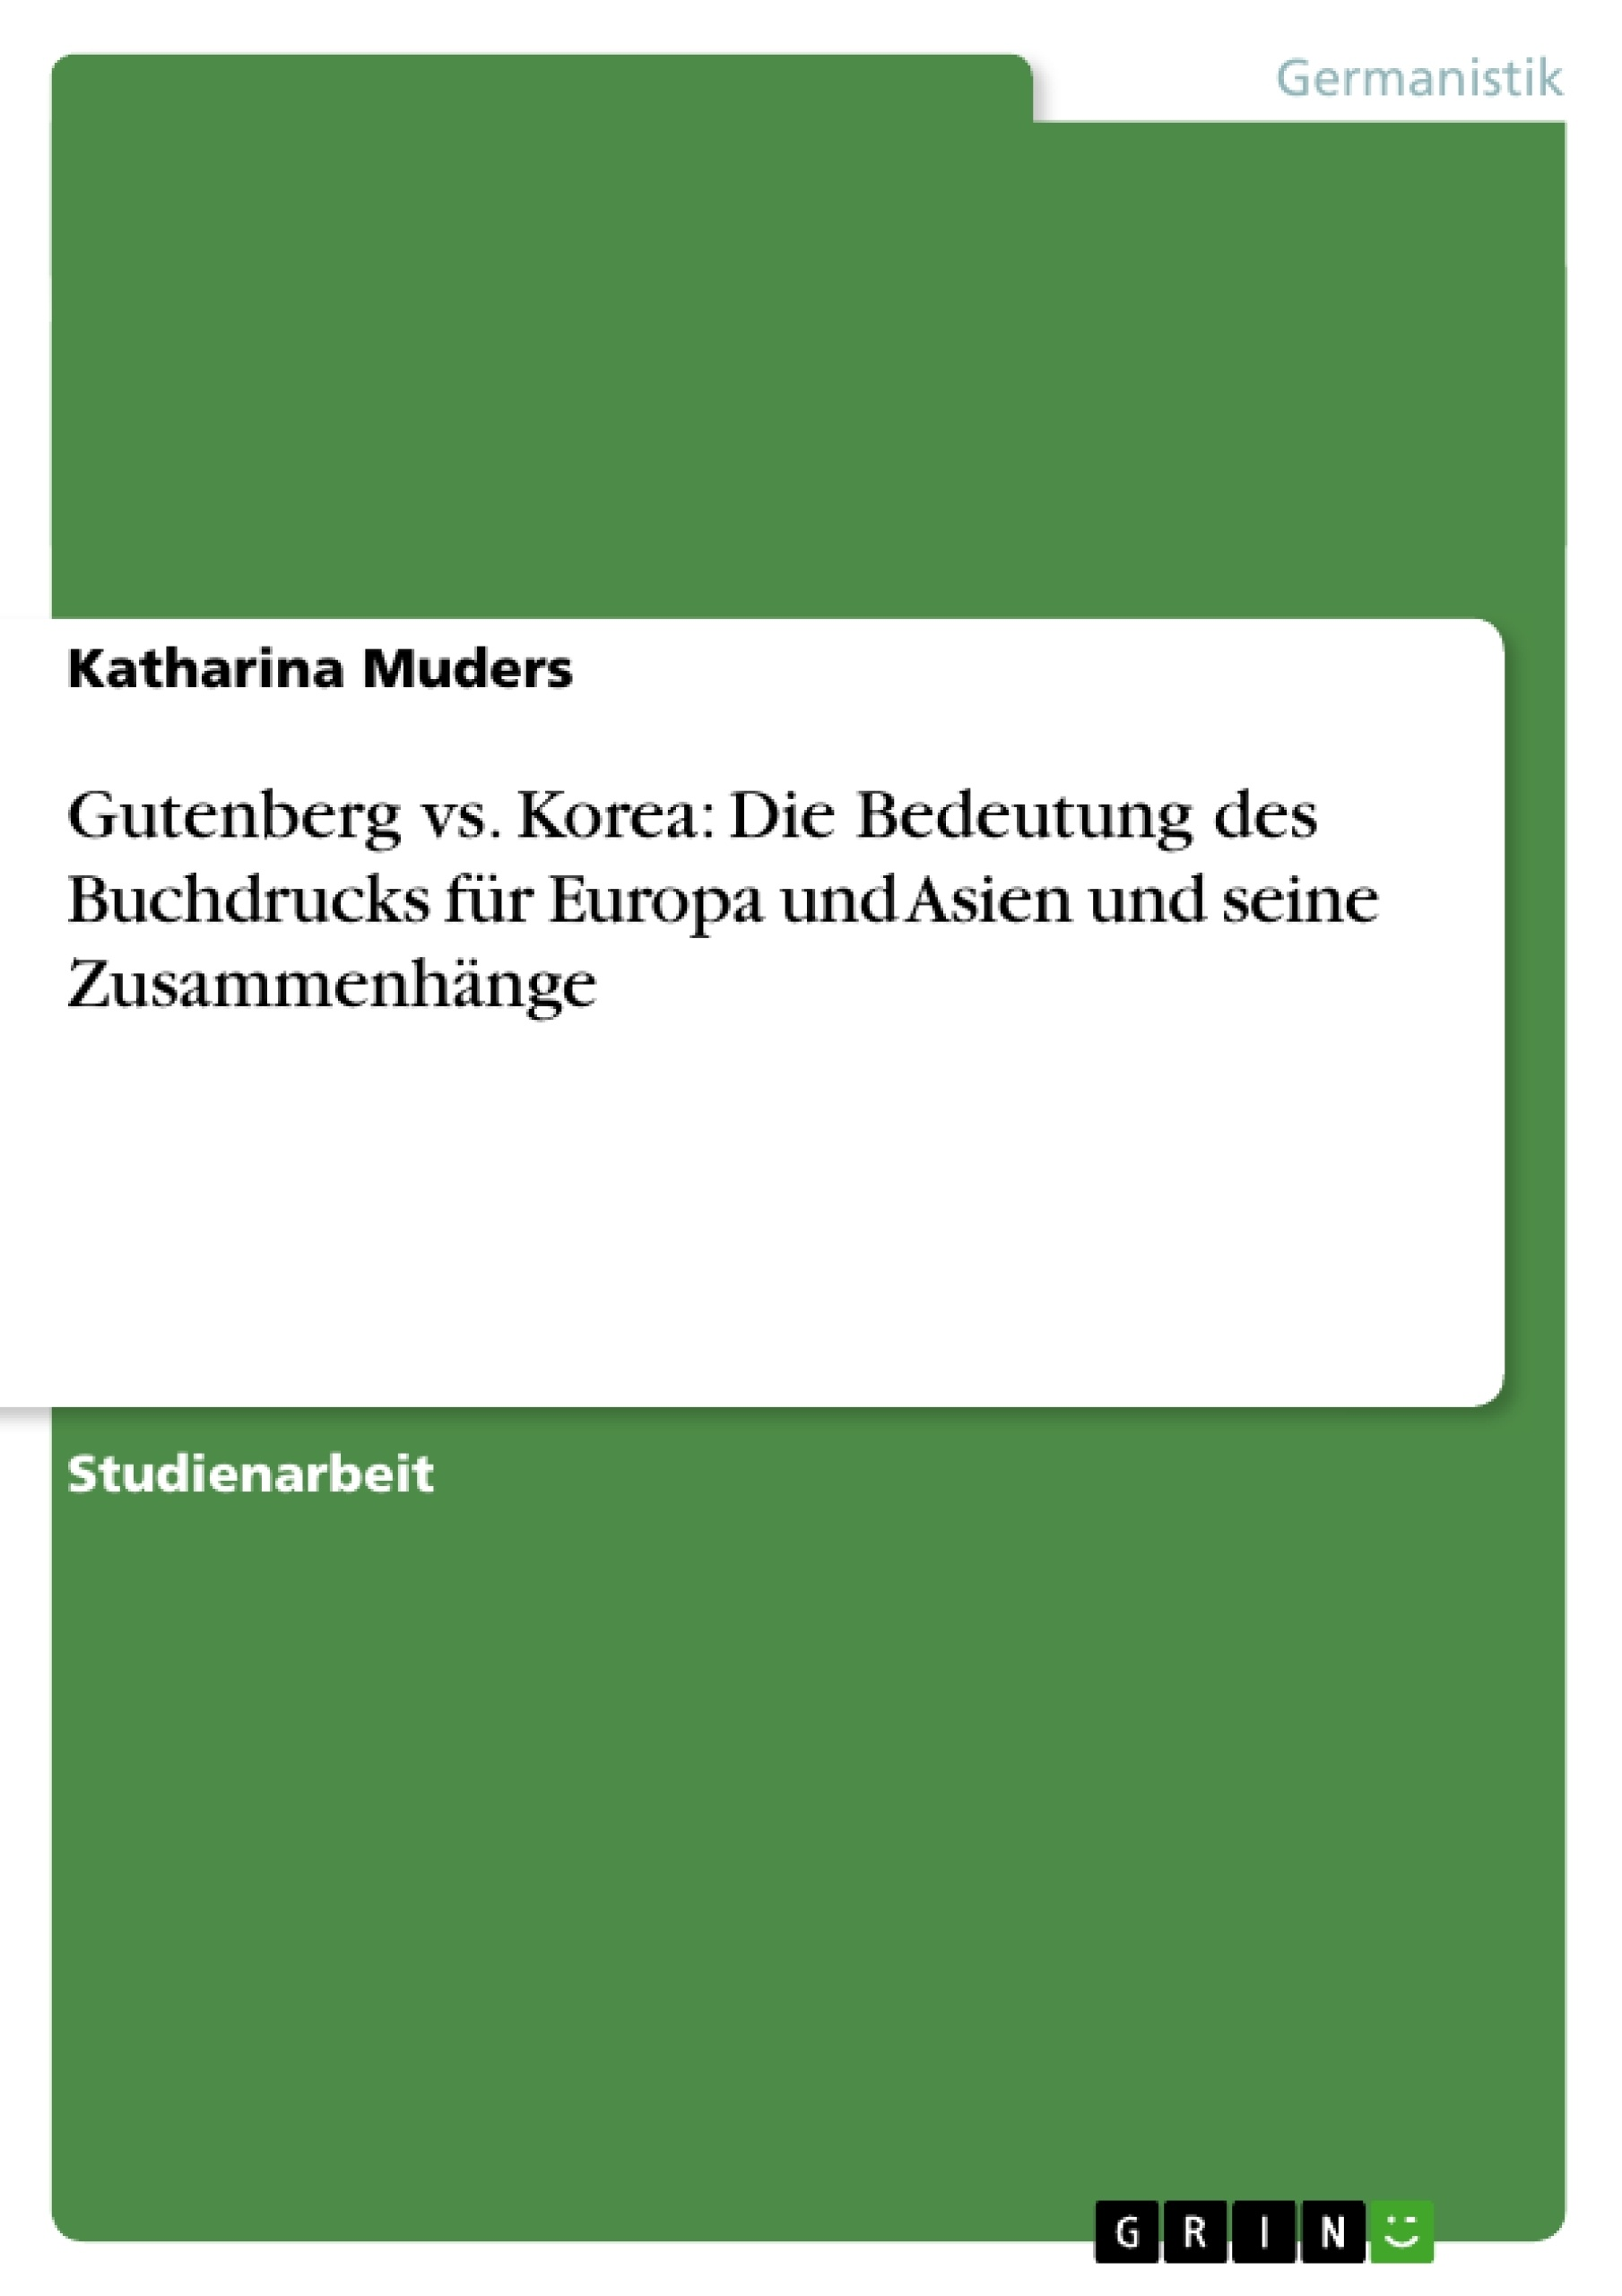 Titel: Gutenberg vs. Korea: Die Bedeutung des Buchdrucks für Europa und Asien und seine Zusammenhänge